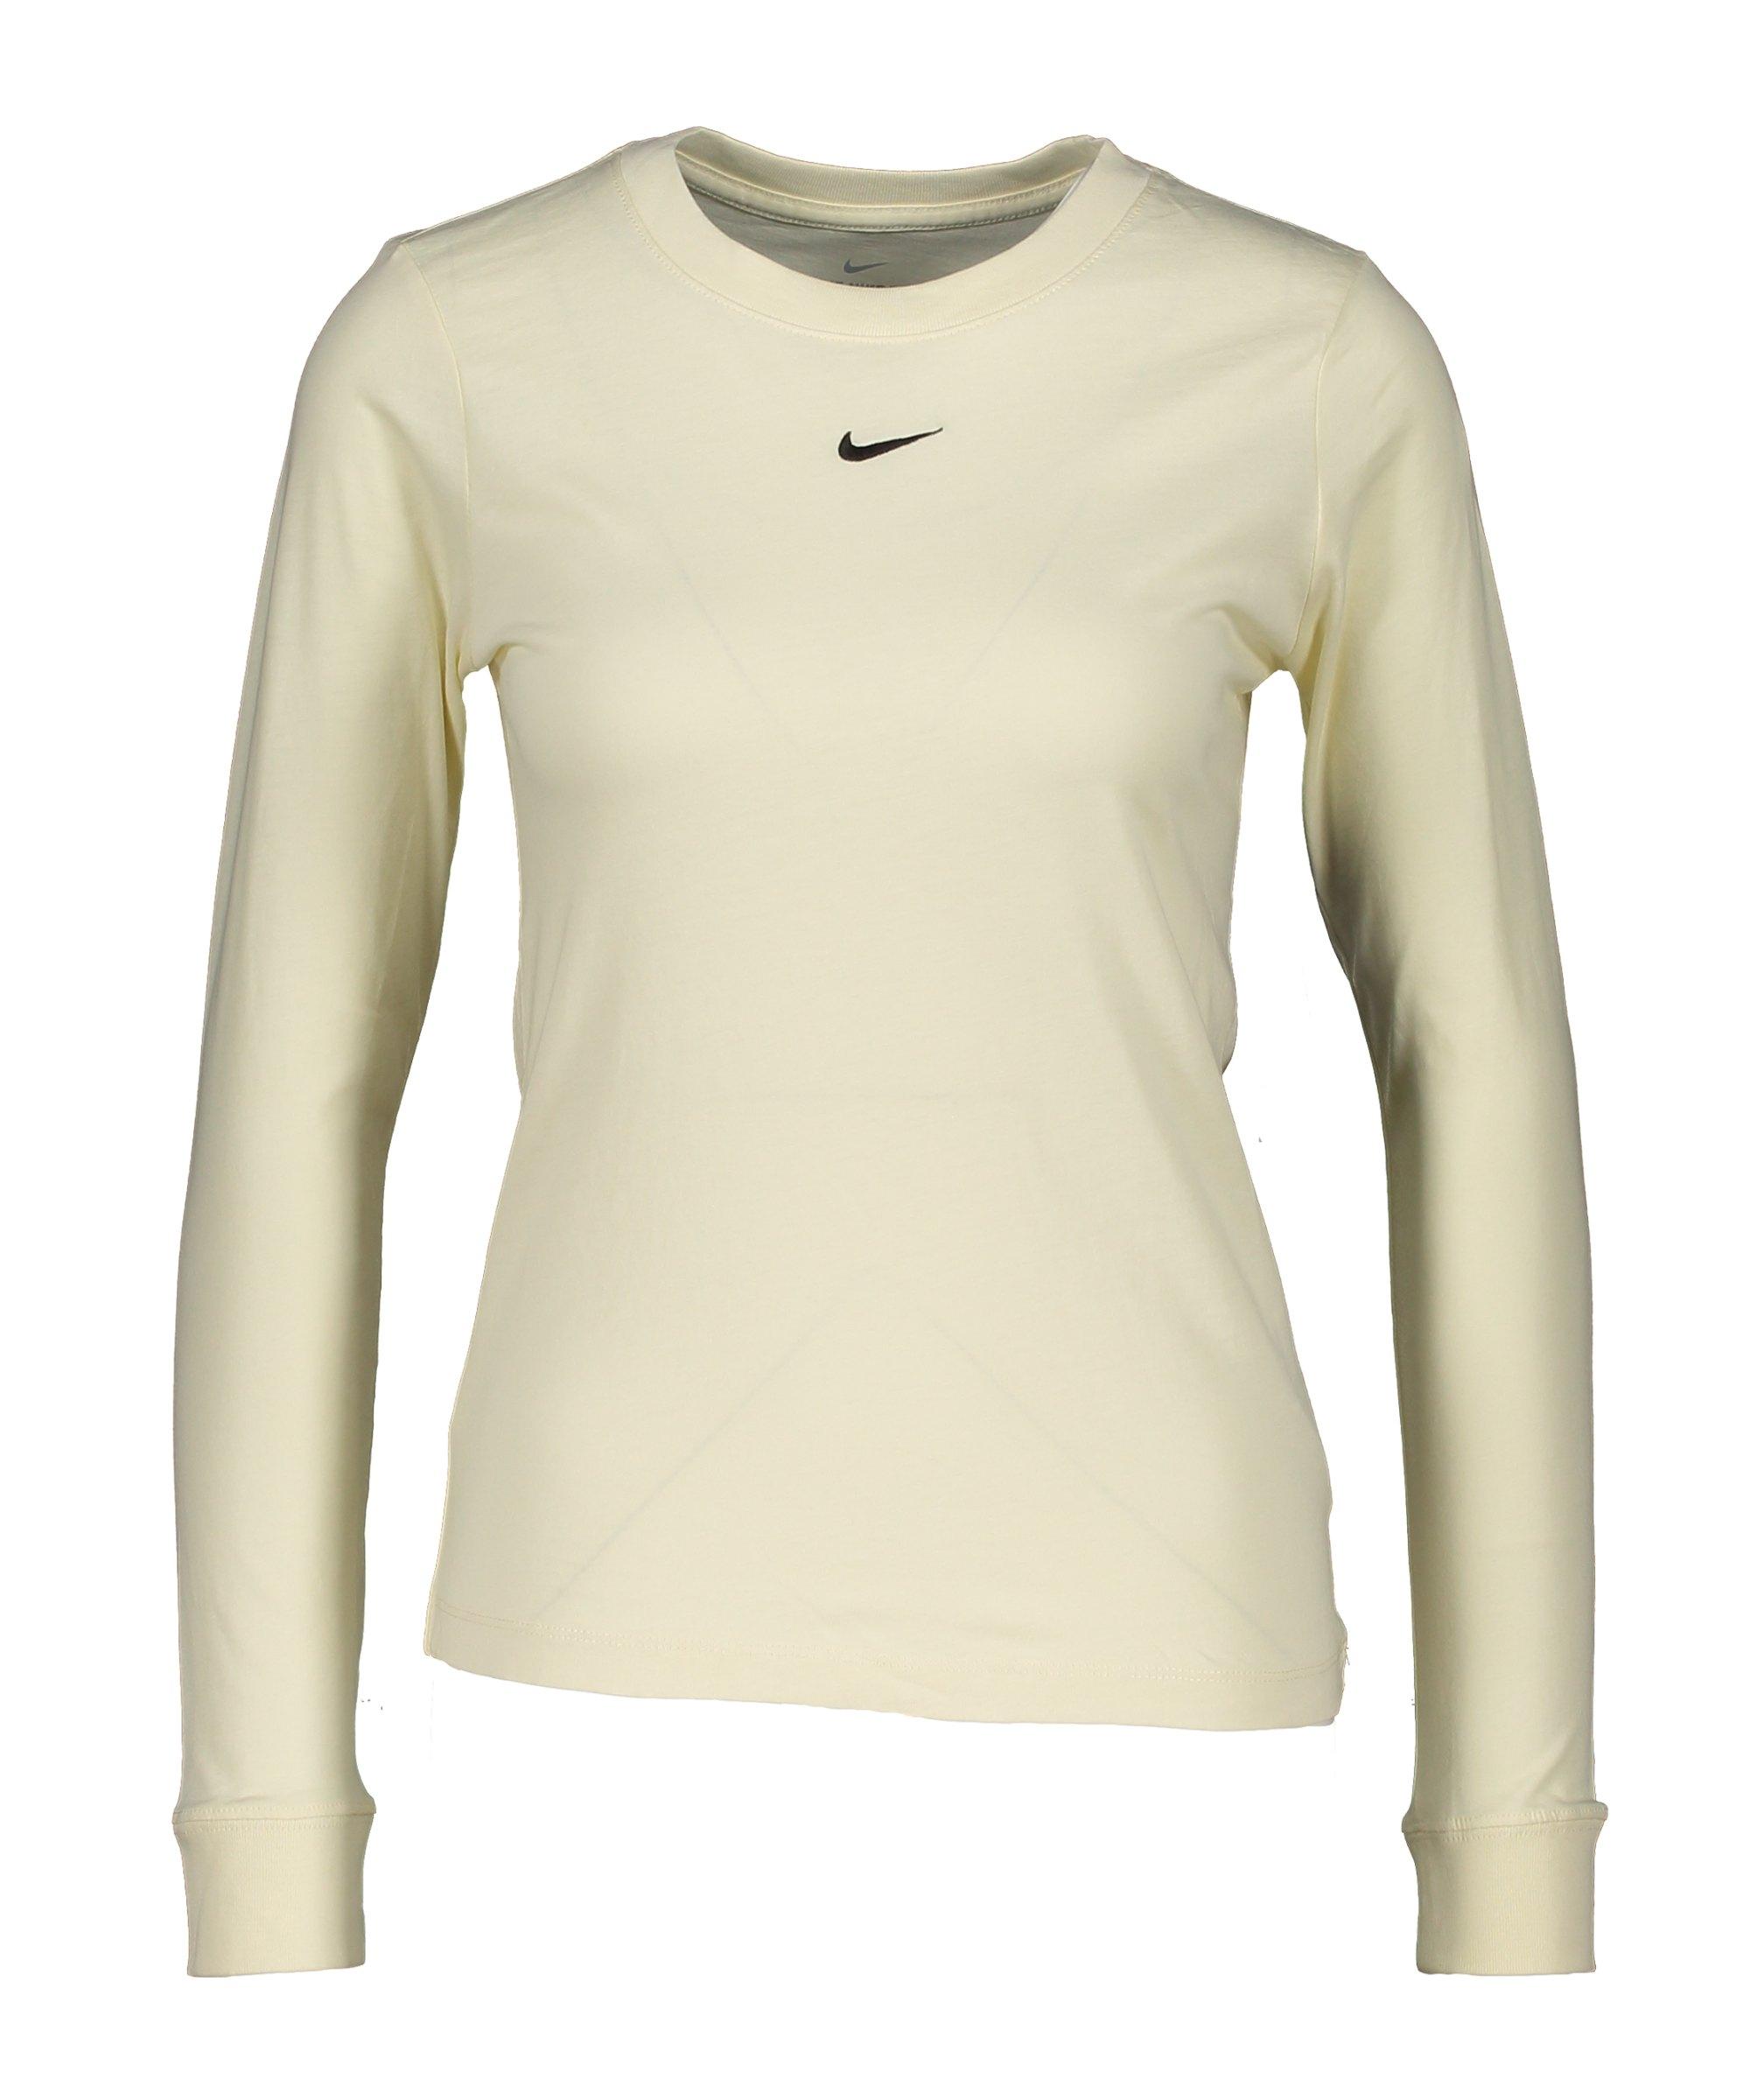 Nike Essentials Shirt langarm Damen Beige F113 - beige